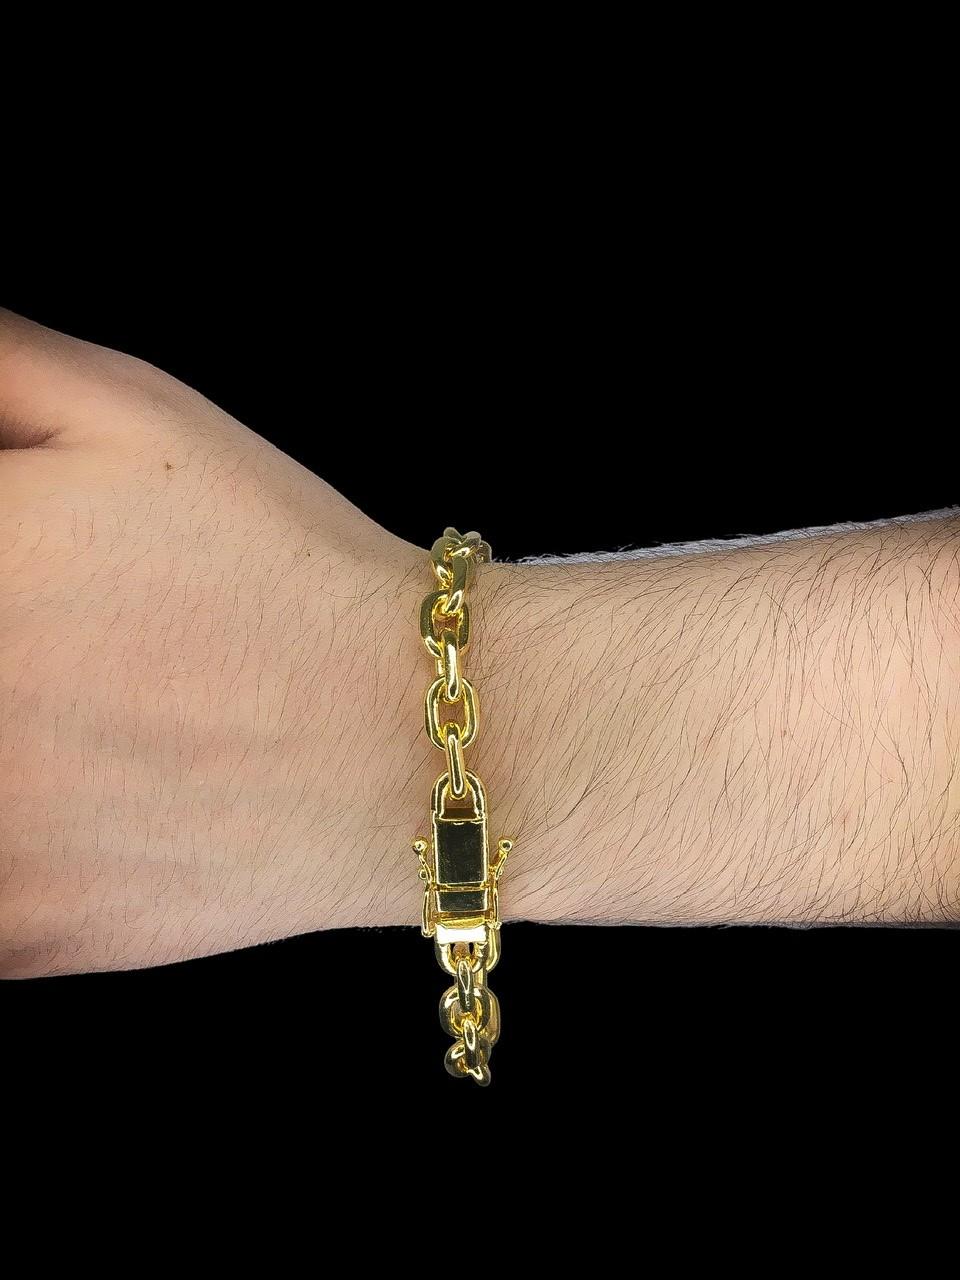 Pulseira Cartie -  8 milímetros achatada  - 22 Centímetros - fecho gaveta trava dupla - Banhado a ouro 18 k